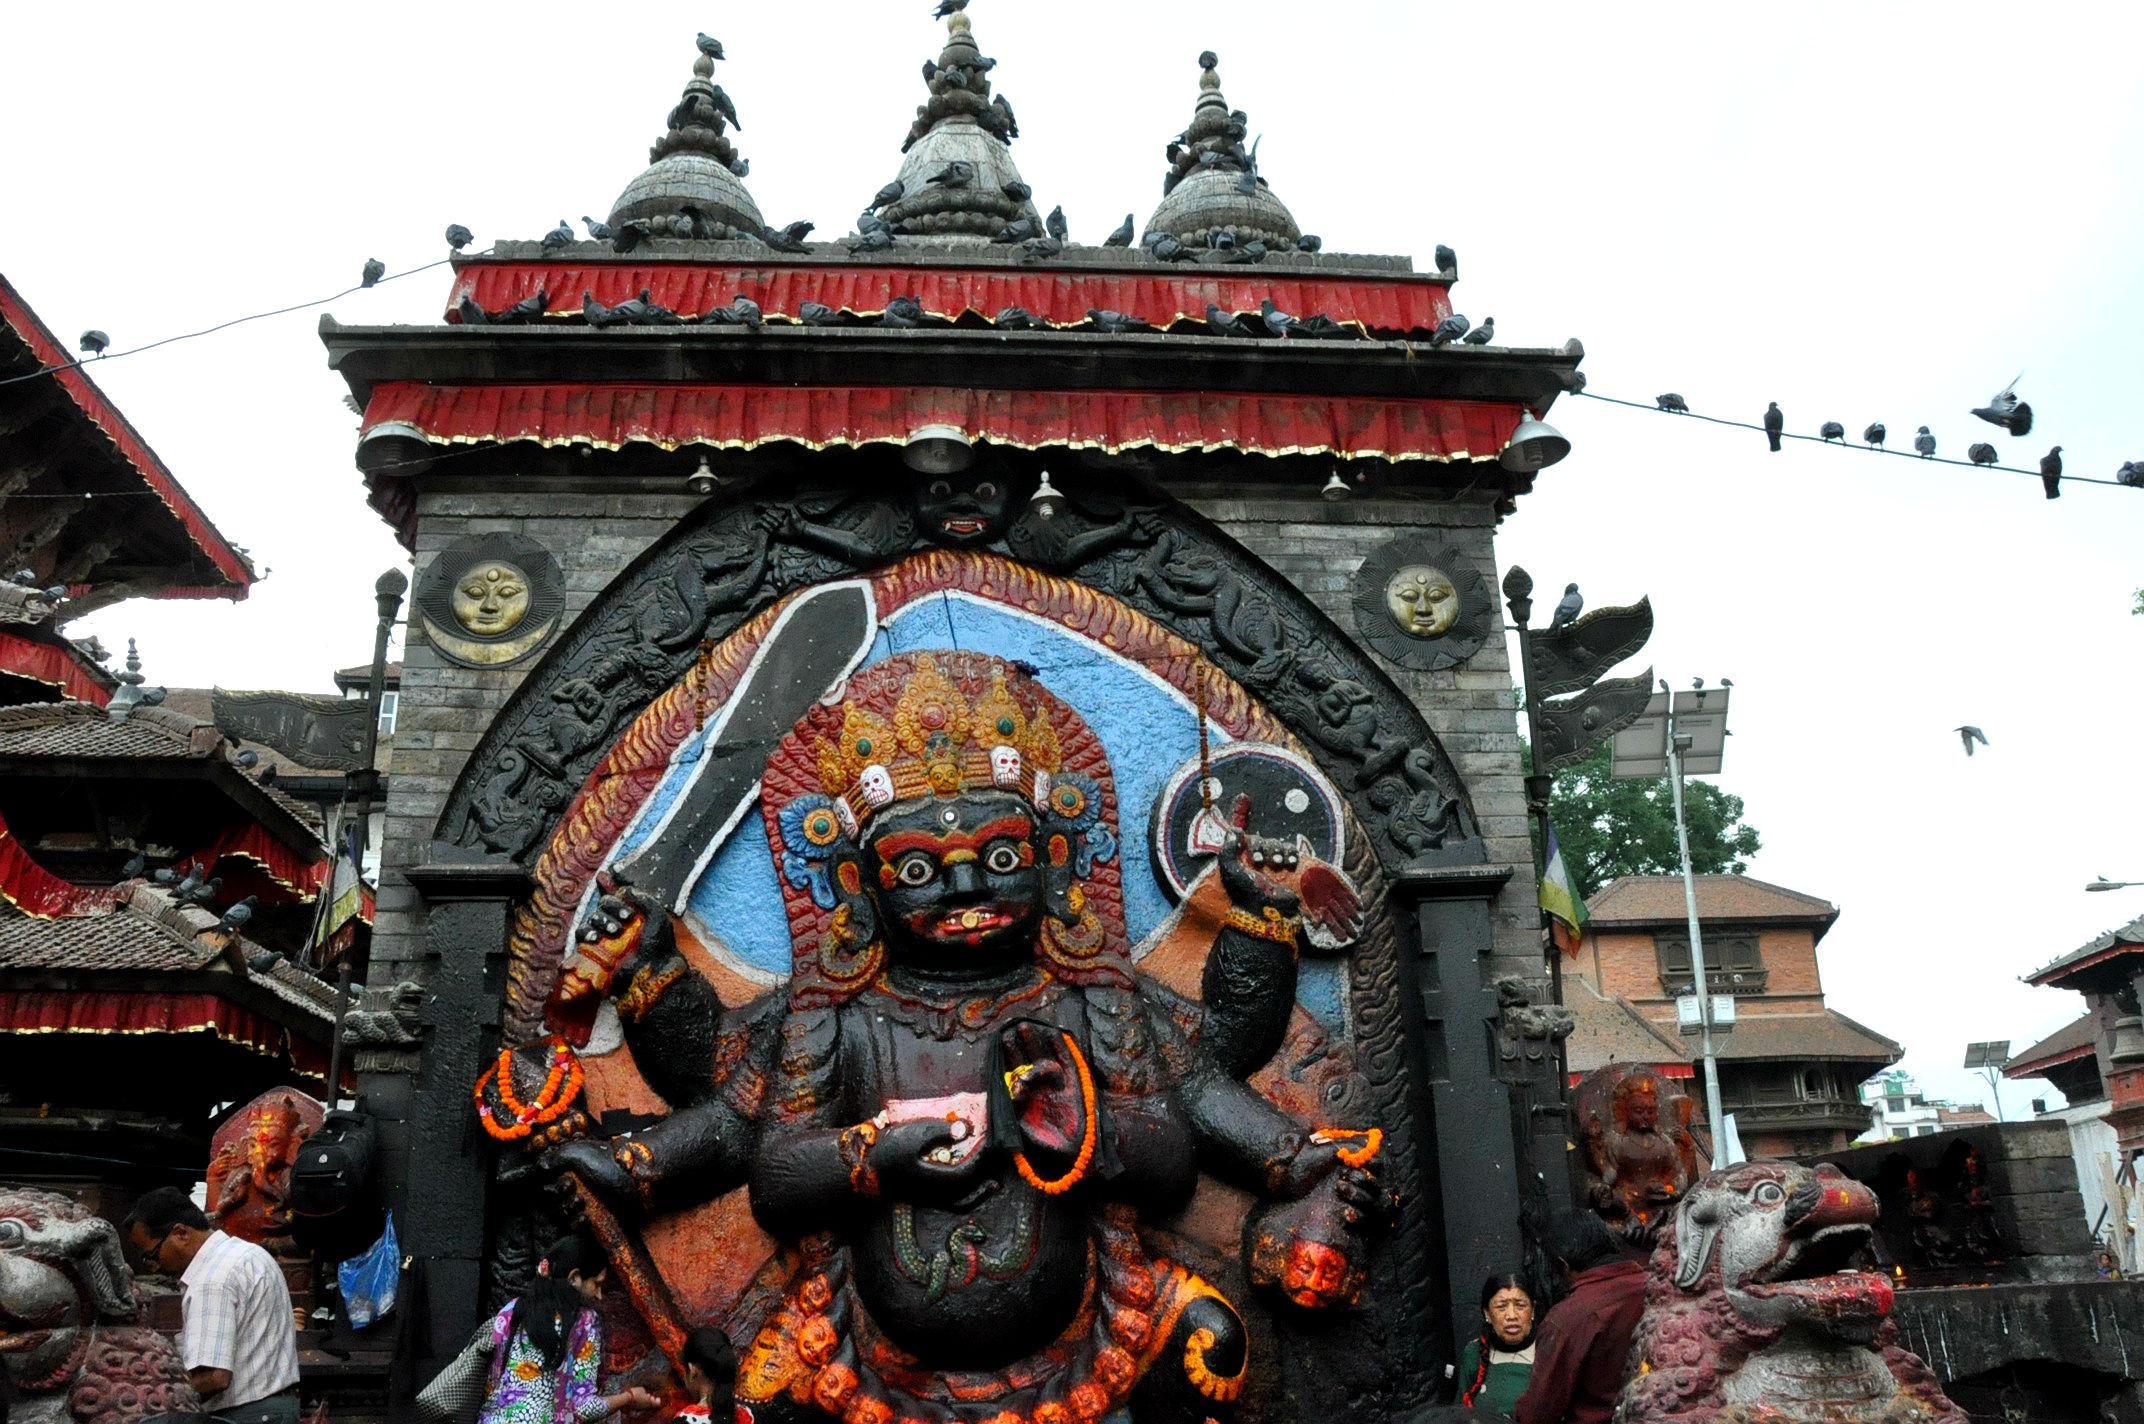 Фото: Индуистский храм